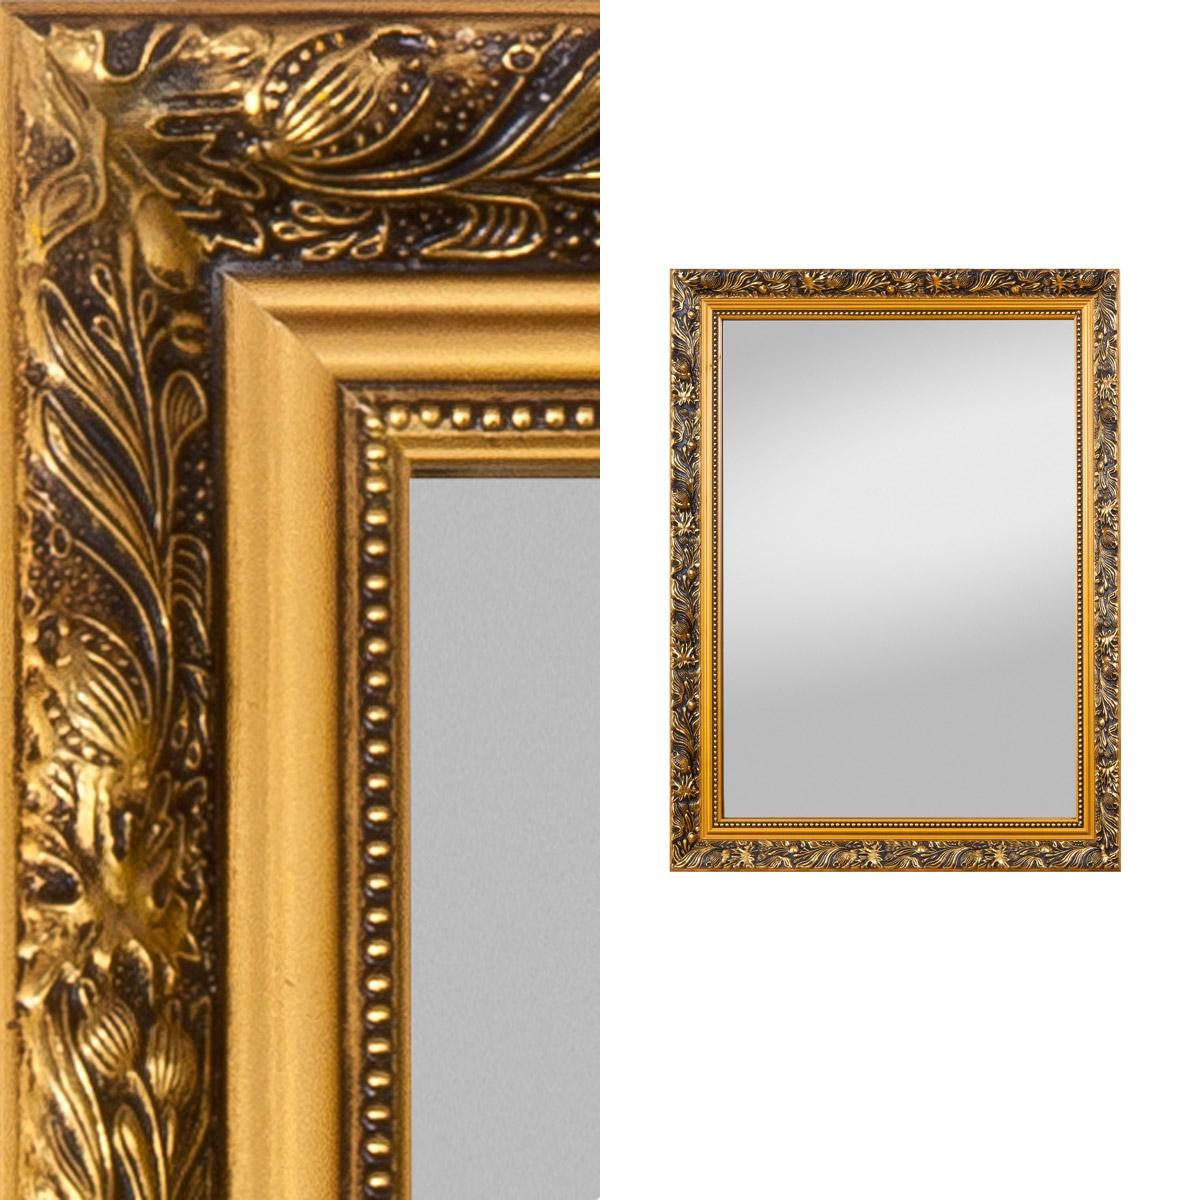 spiegel pius antiklook goldfarben oder silberfarben wandspiegel rahmenspiegel ebay. Black Bedroom Furniture Sets. Home Design Ideas